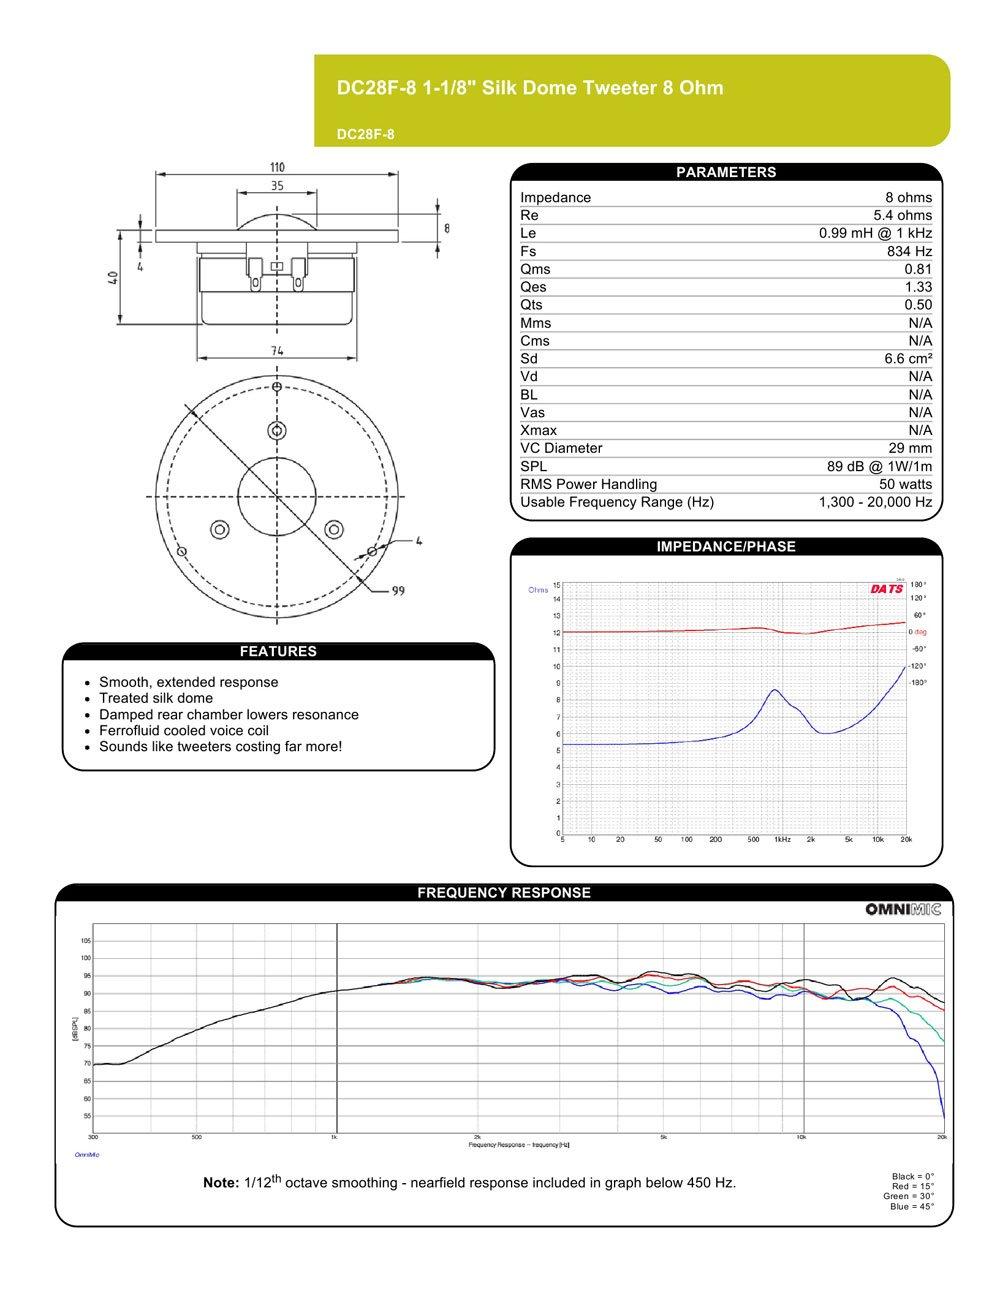 Dayton Audio Dc28f 8 1 Silk Dome Tweeter Hi Fi Diy Boombox Wiring Diagram Speakers